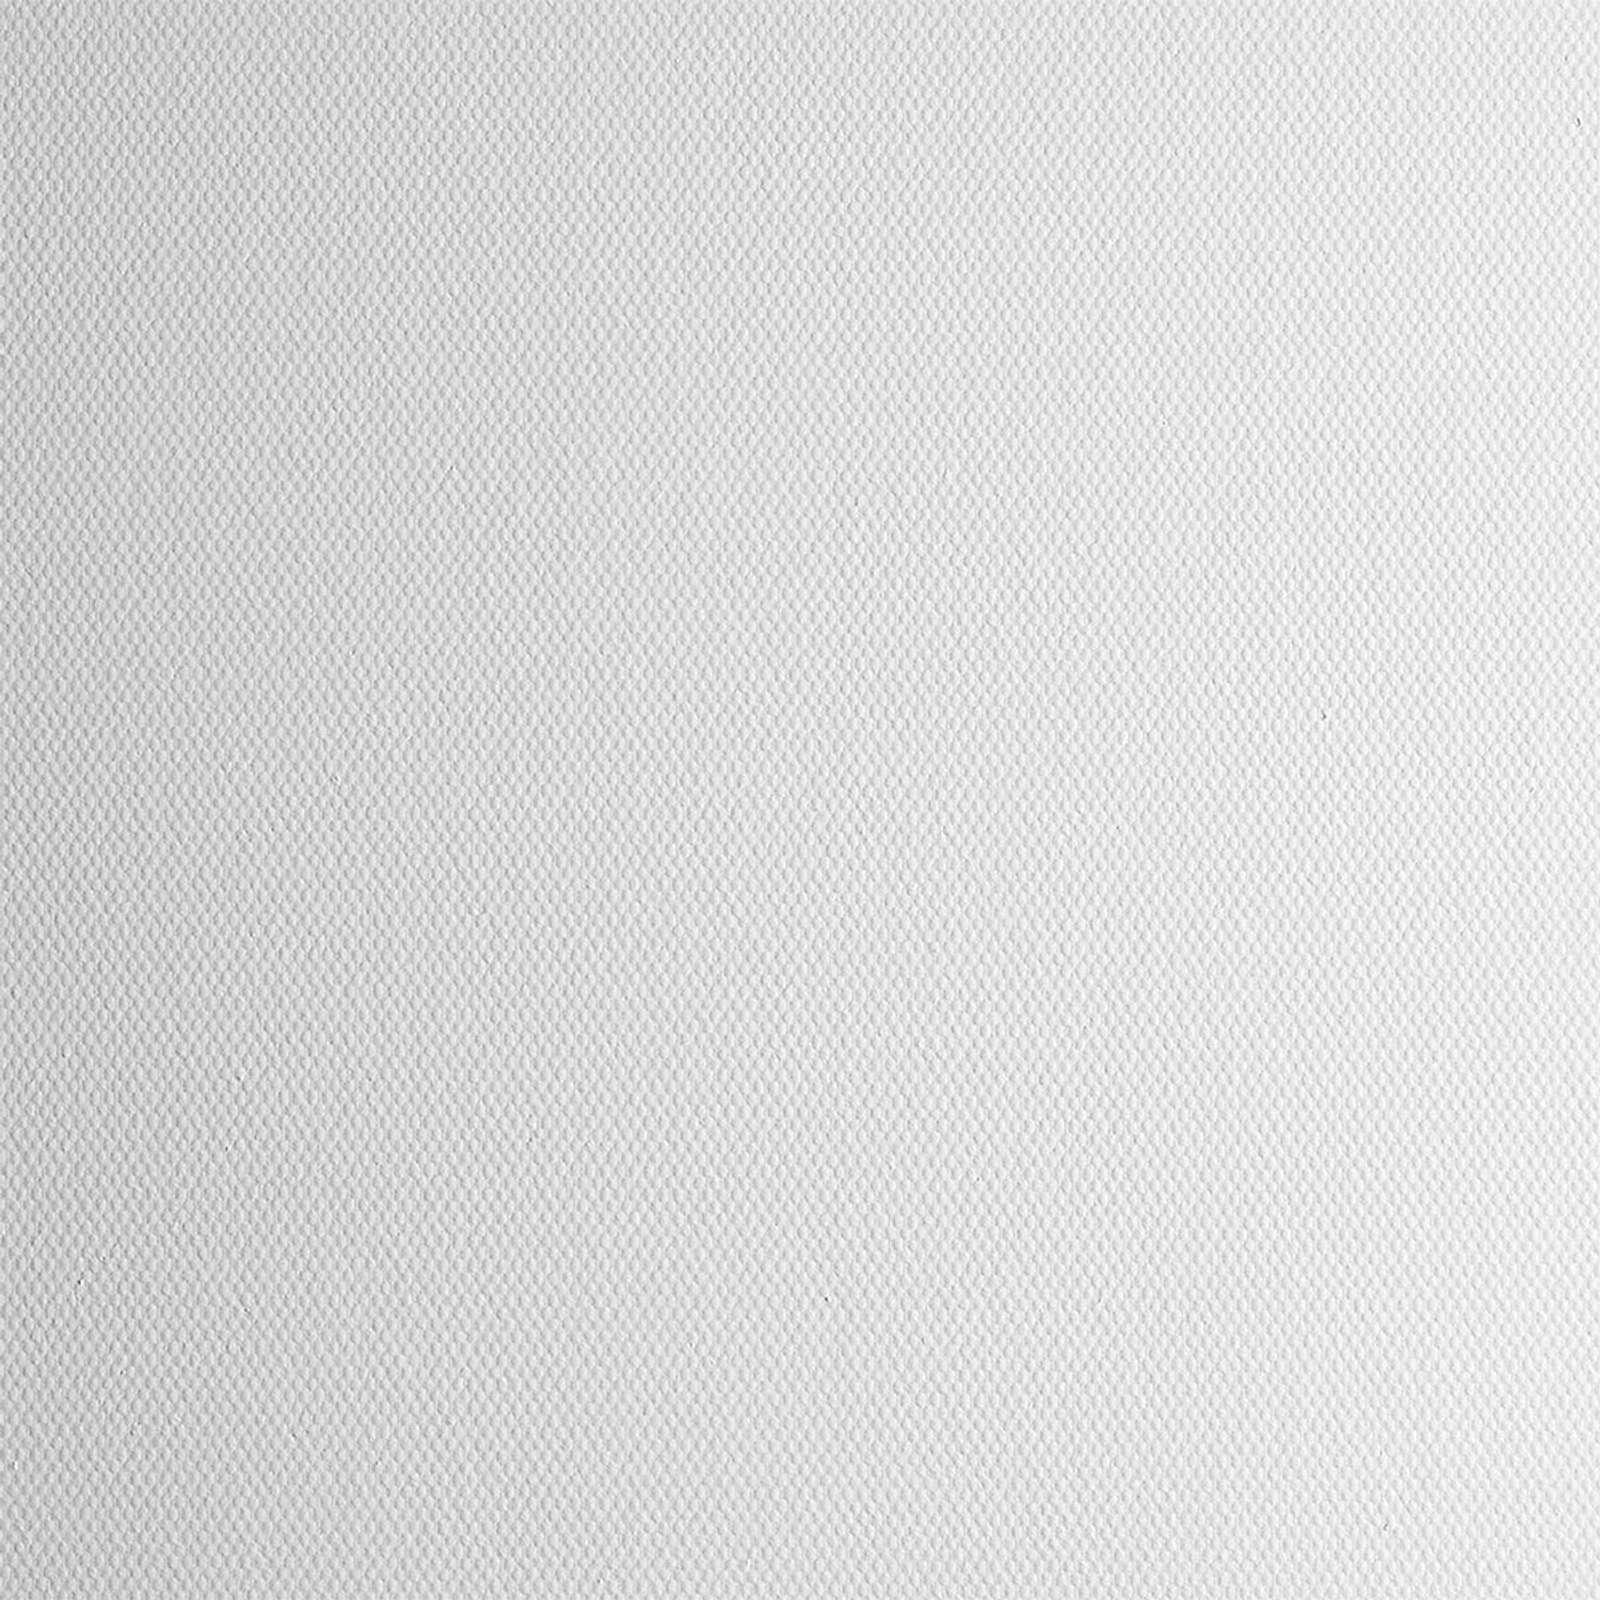 Стеклообои Oscar Os80 Рогожка потолочная